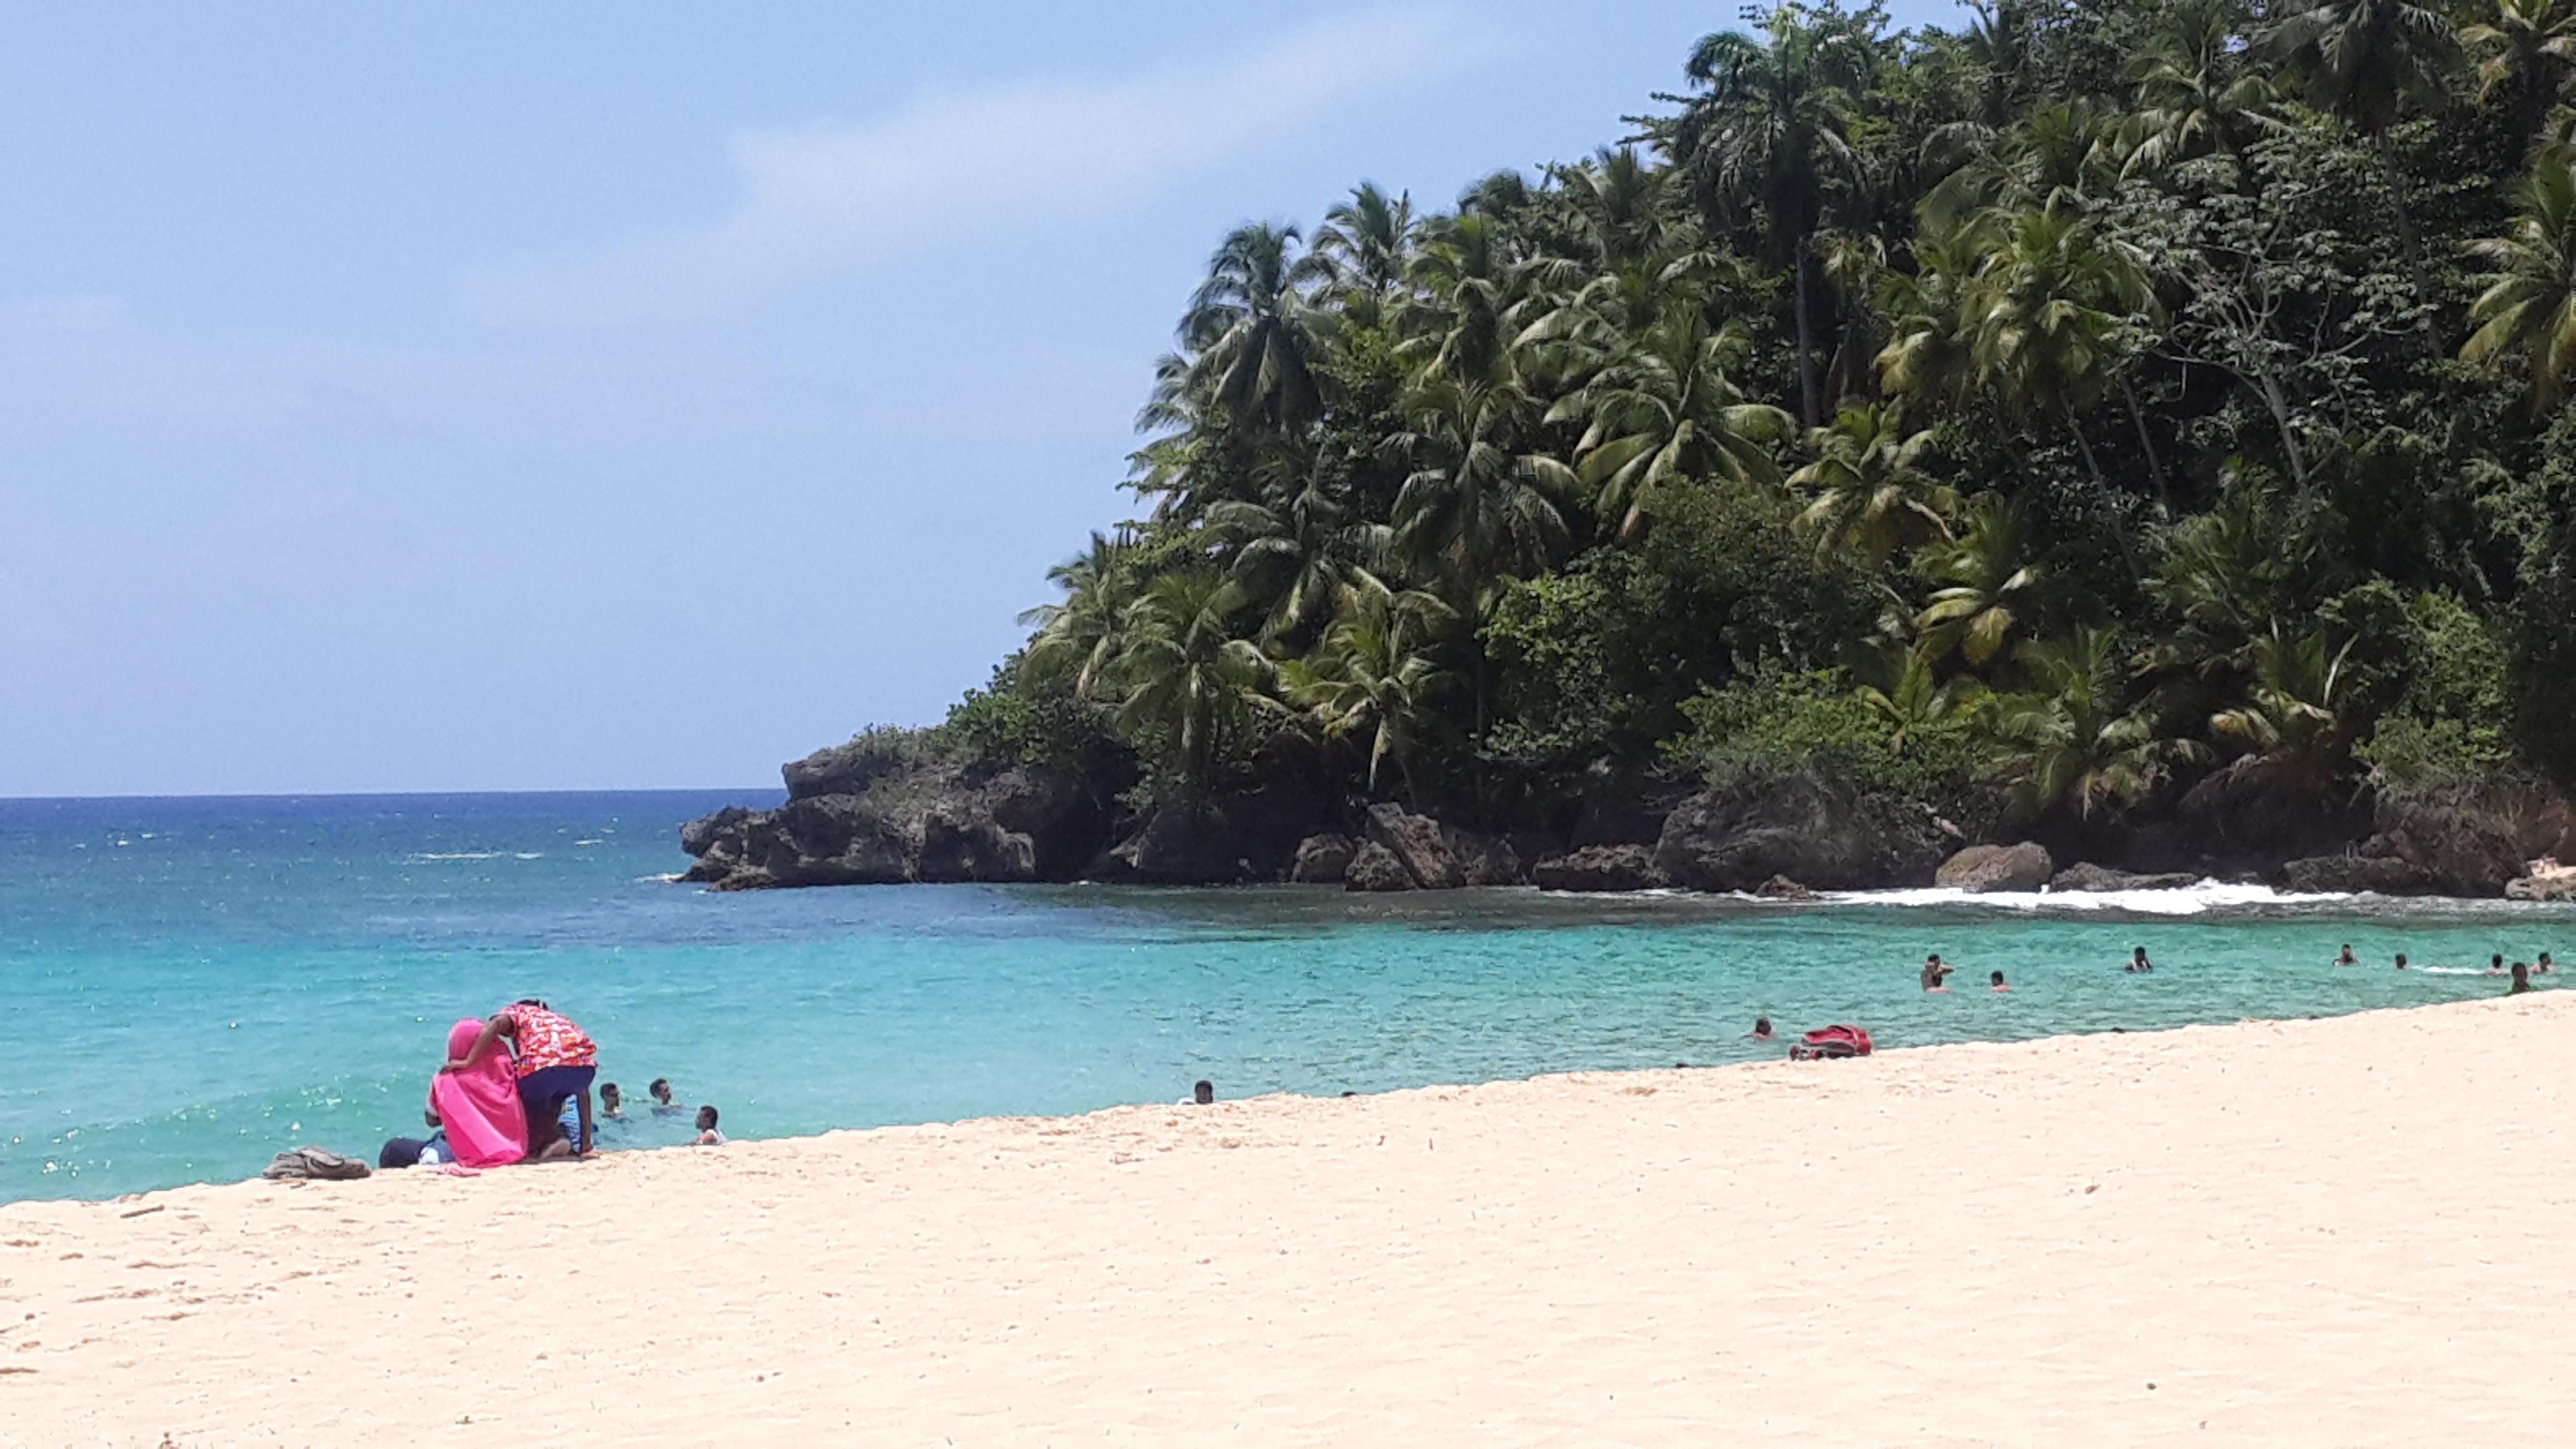 Playa Grande en Río San Juan está considerada entre las mejores playas del país.